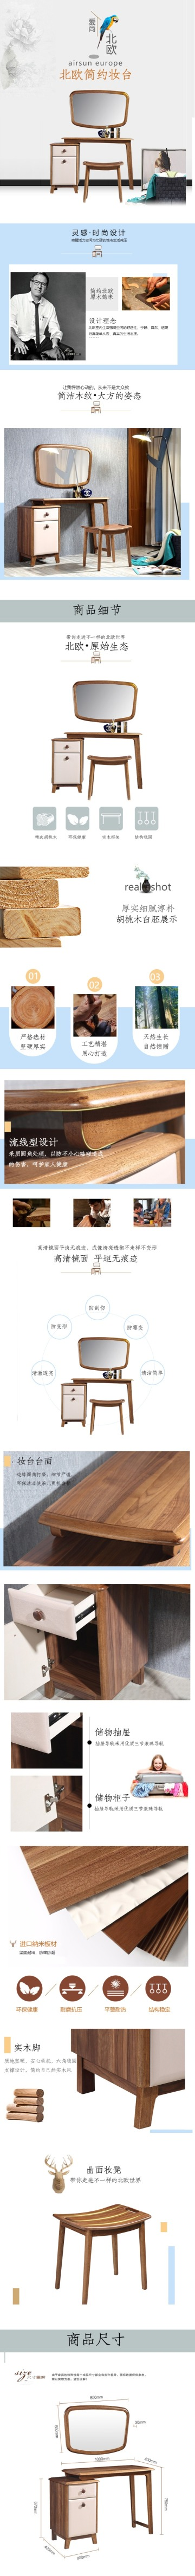 蓝色清新简约家居家装生活家具妆台桌子宣传营销电商宝贝详情